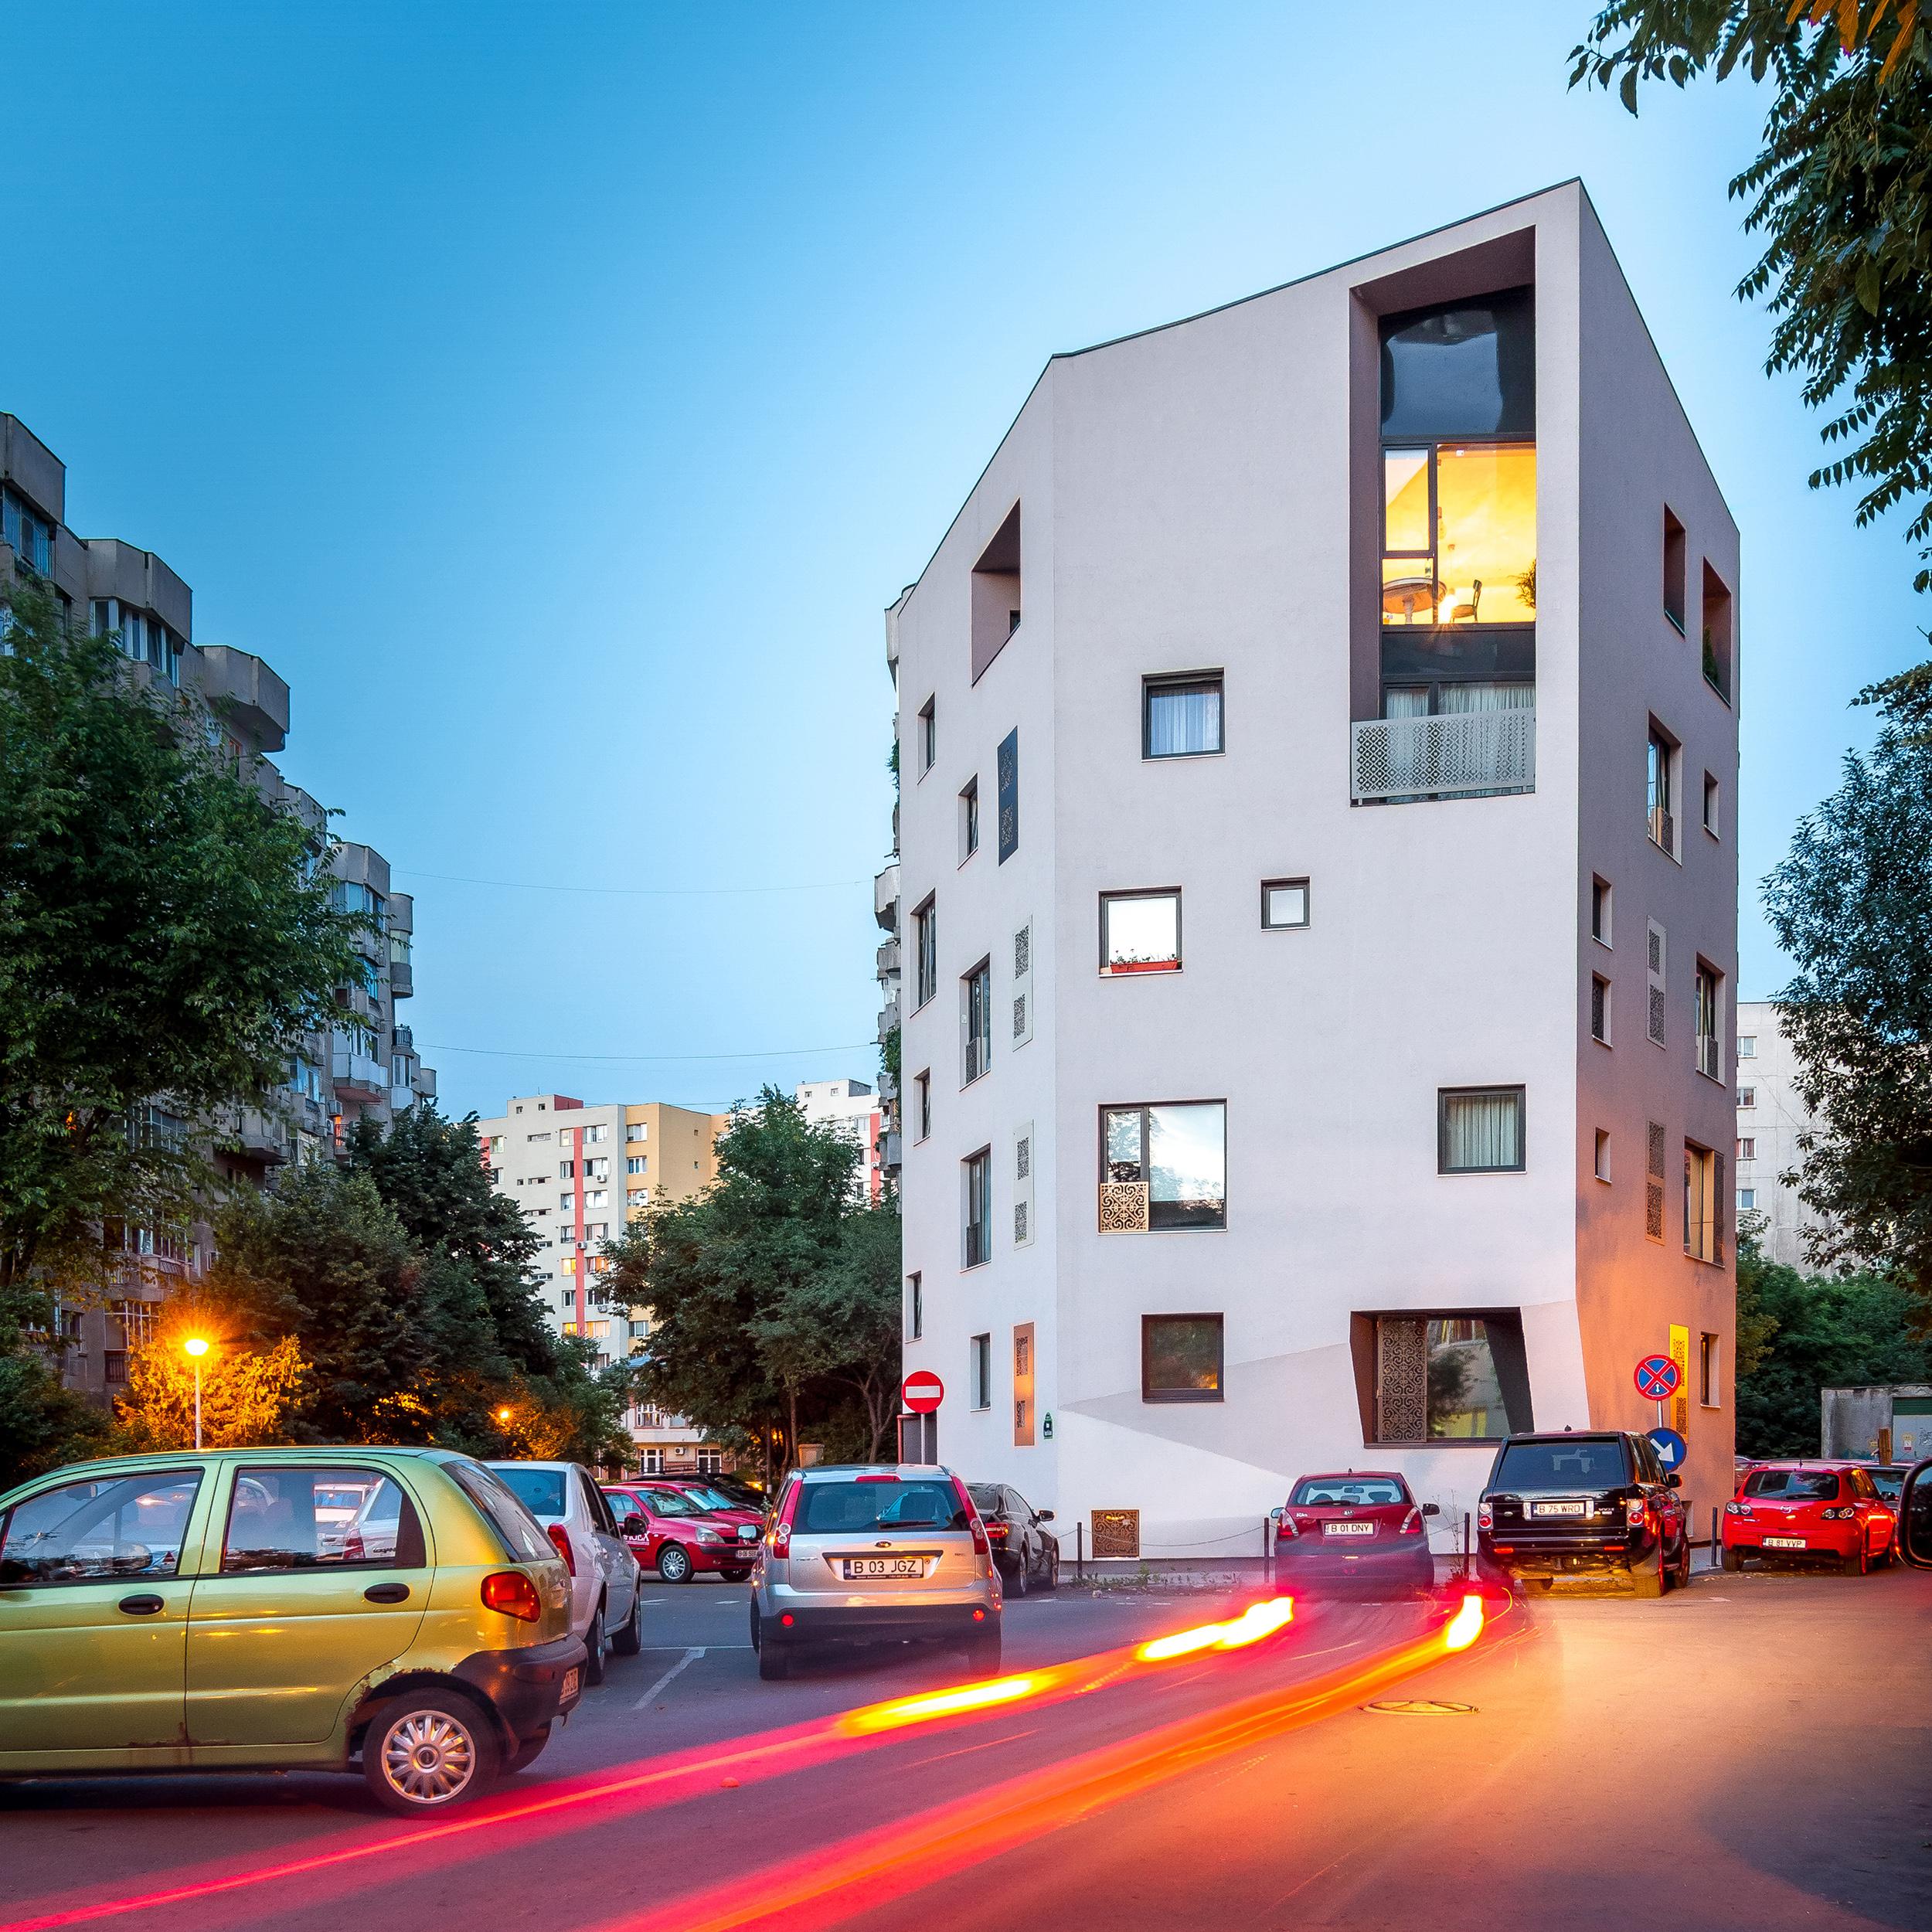 Behind the Blocks of Flats, a Bigger House, an Urban Villa - Nominalizarile pentru Premiile Romanian Building Awards - premii de recunoastere publica a excelentei in proiectarea si executia spatiului construit din Romania